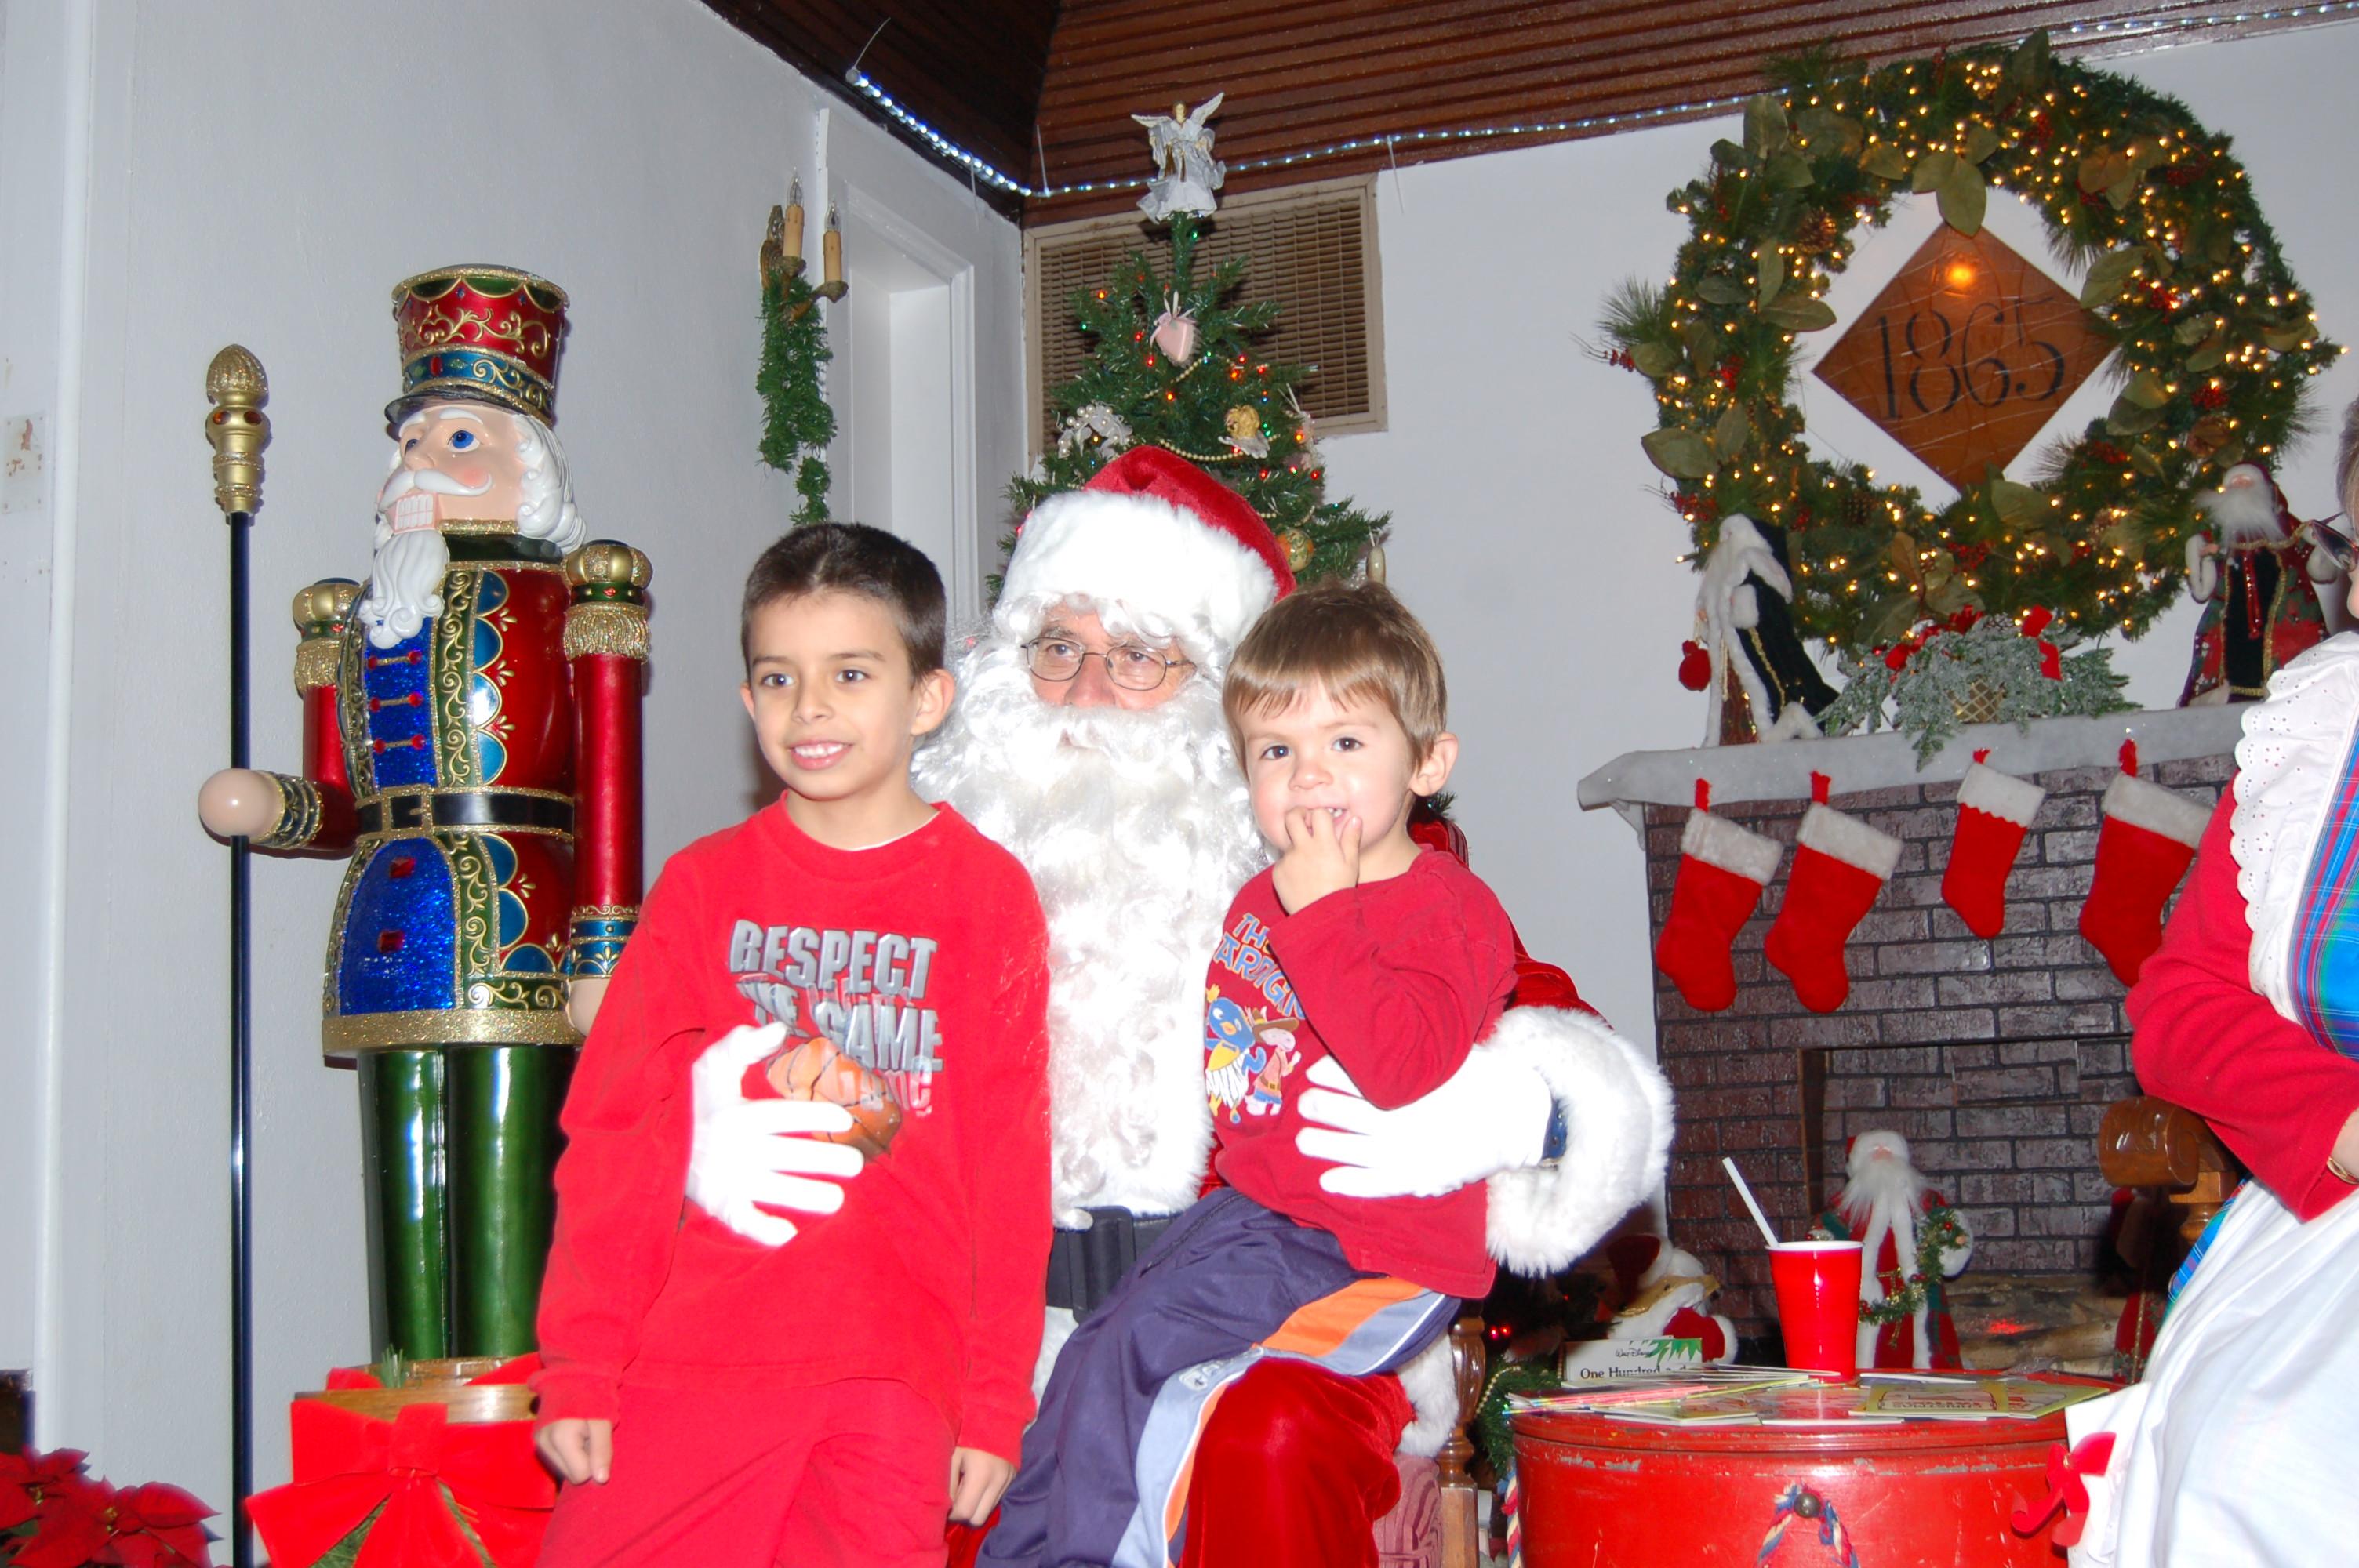 LolliPop+Lane+12-12-2008+Picture+032.jpg